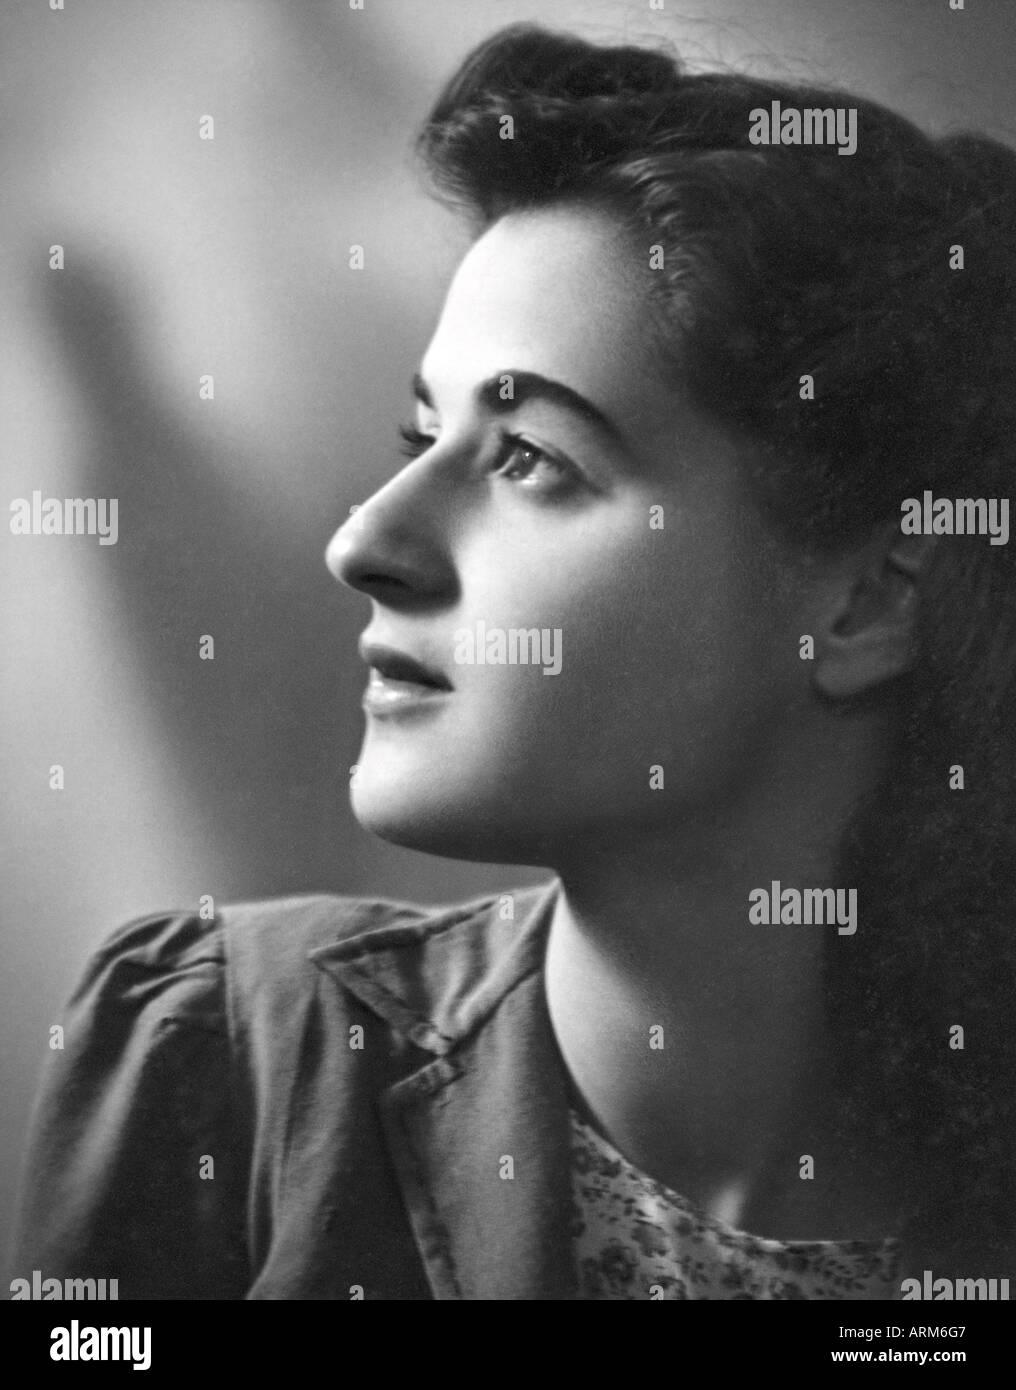 VRB101278 British girl portrait in studio Kulri Mussorie Uttar Pradesh India 1940 s Stock Photo